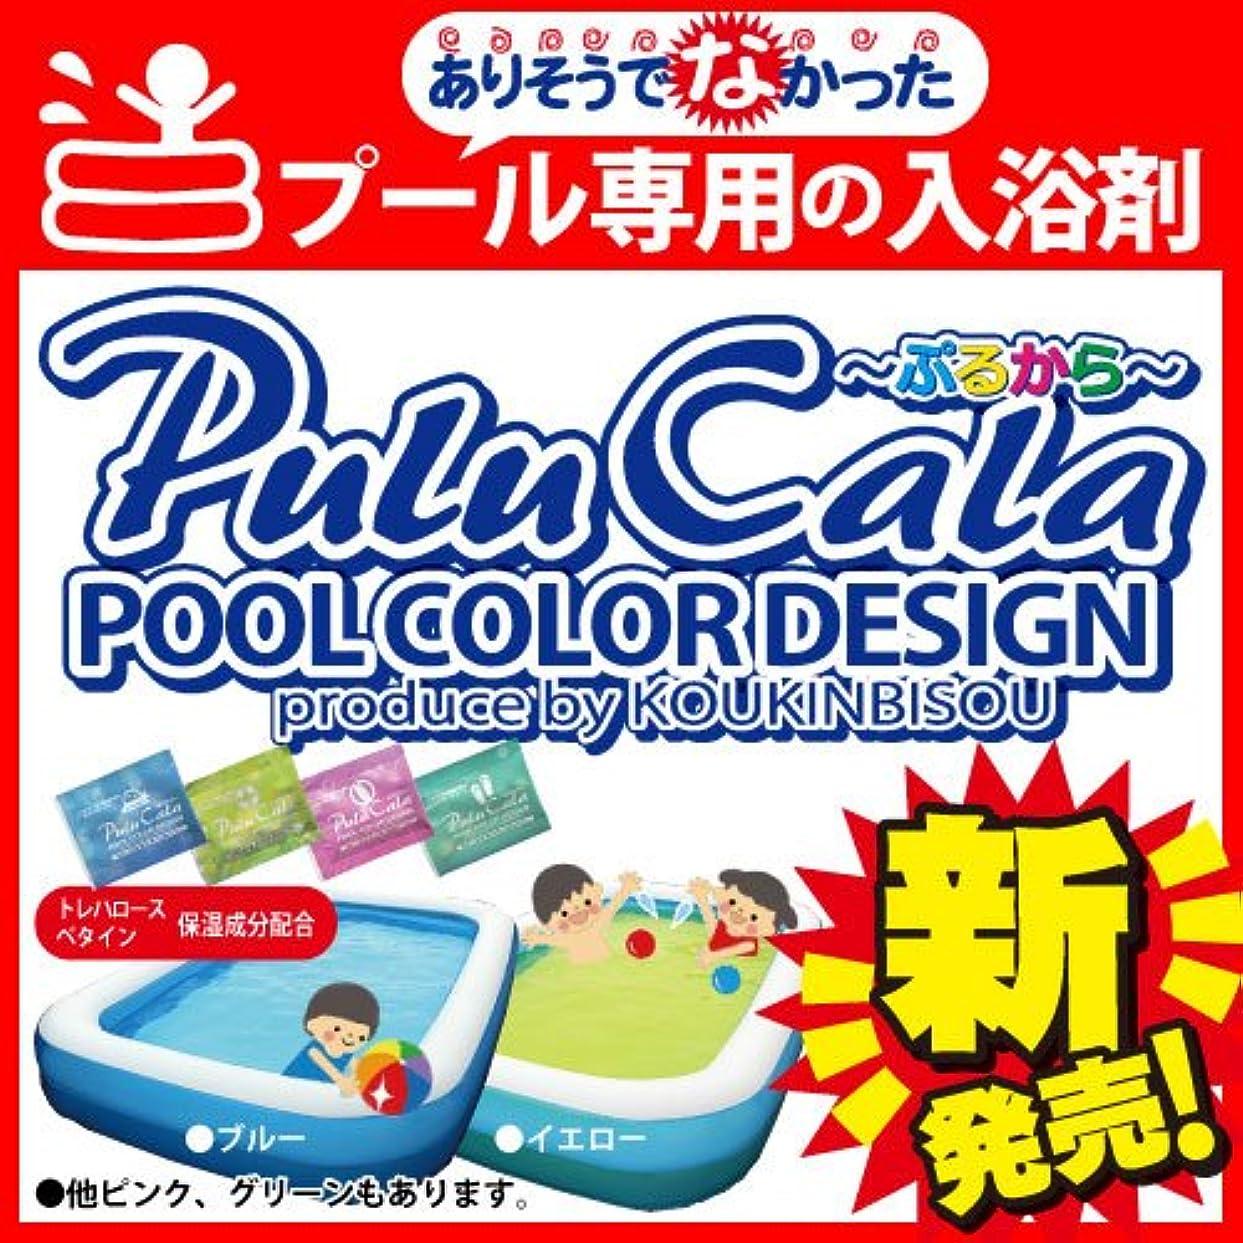 【プール専用入浴剤】ぷるから ブルー10回分セット(25g×10) 目や口に入っても大丈夫!